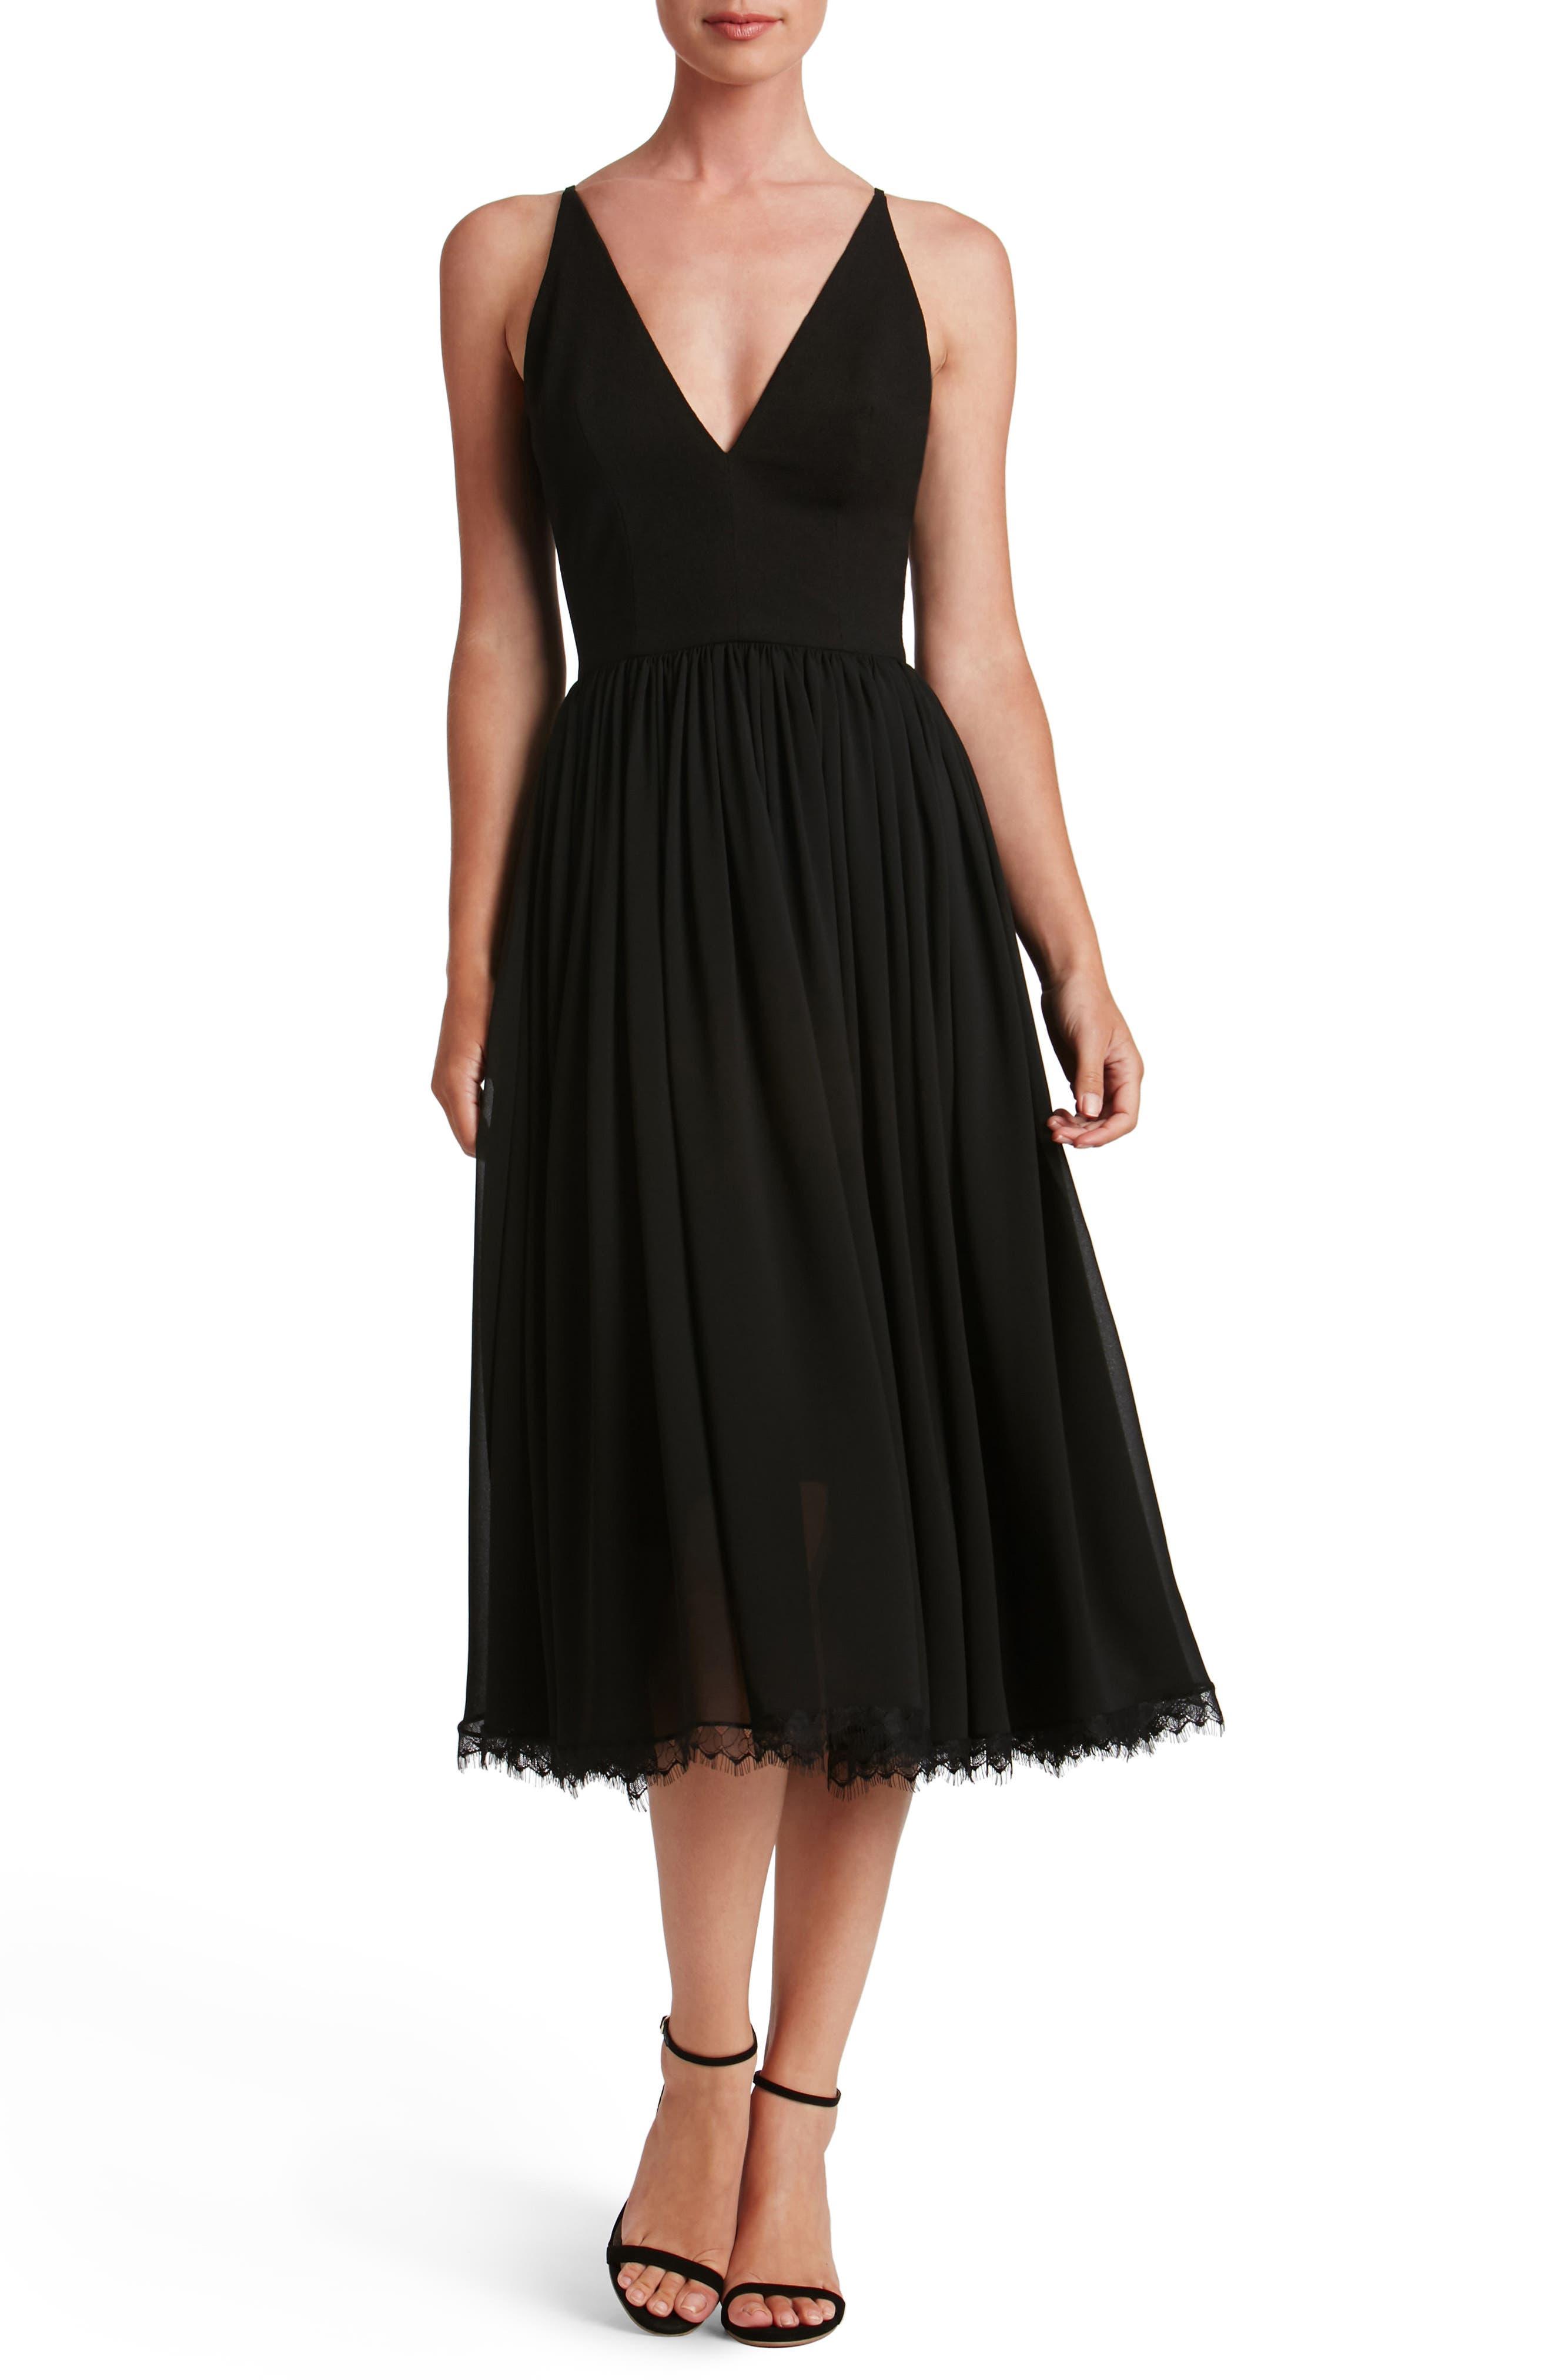 Summer Midi Dress Black Slimming Tank